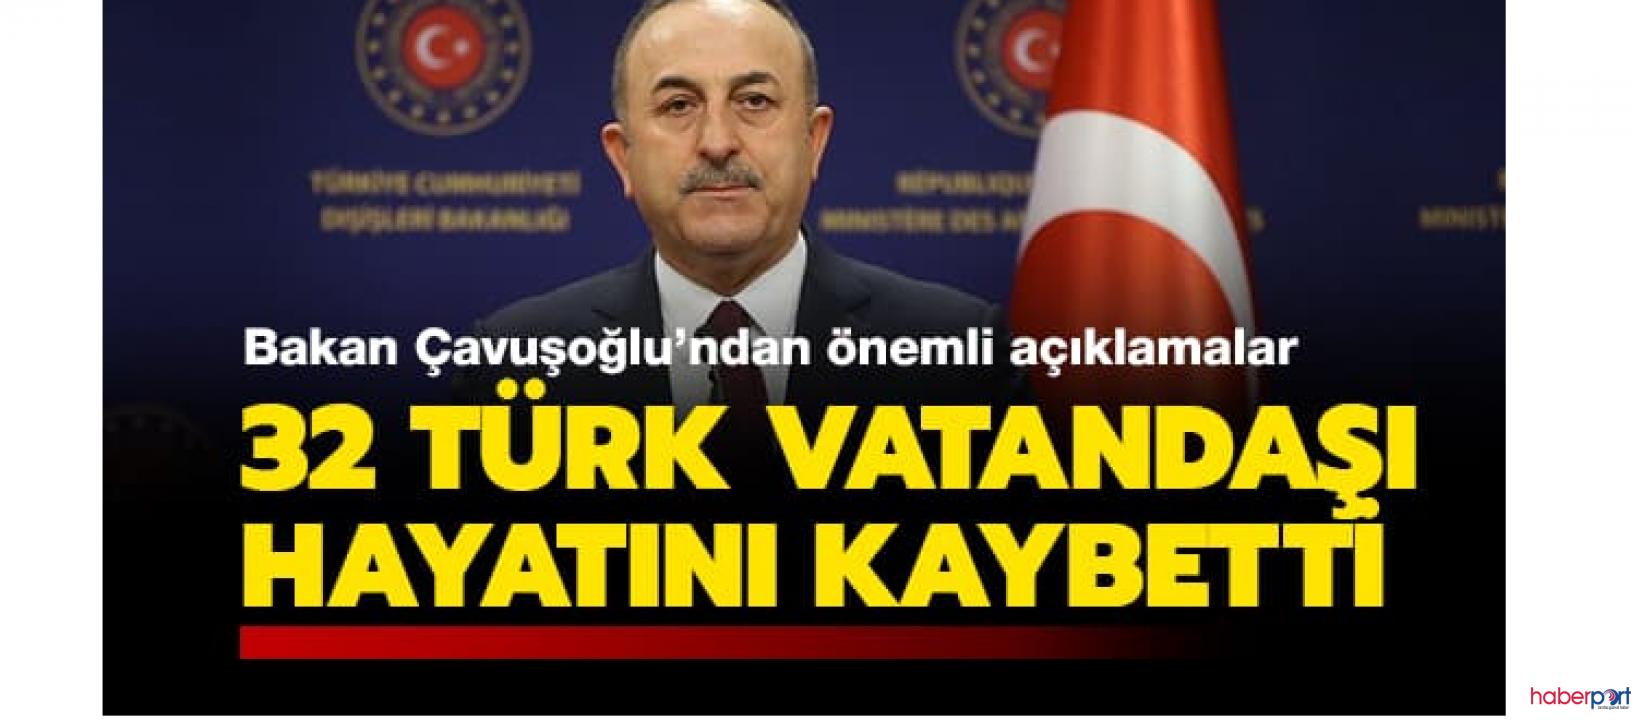 Yurt dışında yaşayan 32 Türk vatandaşı koronavirüsünden yaşamını yitirdi